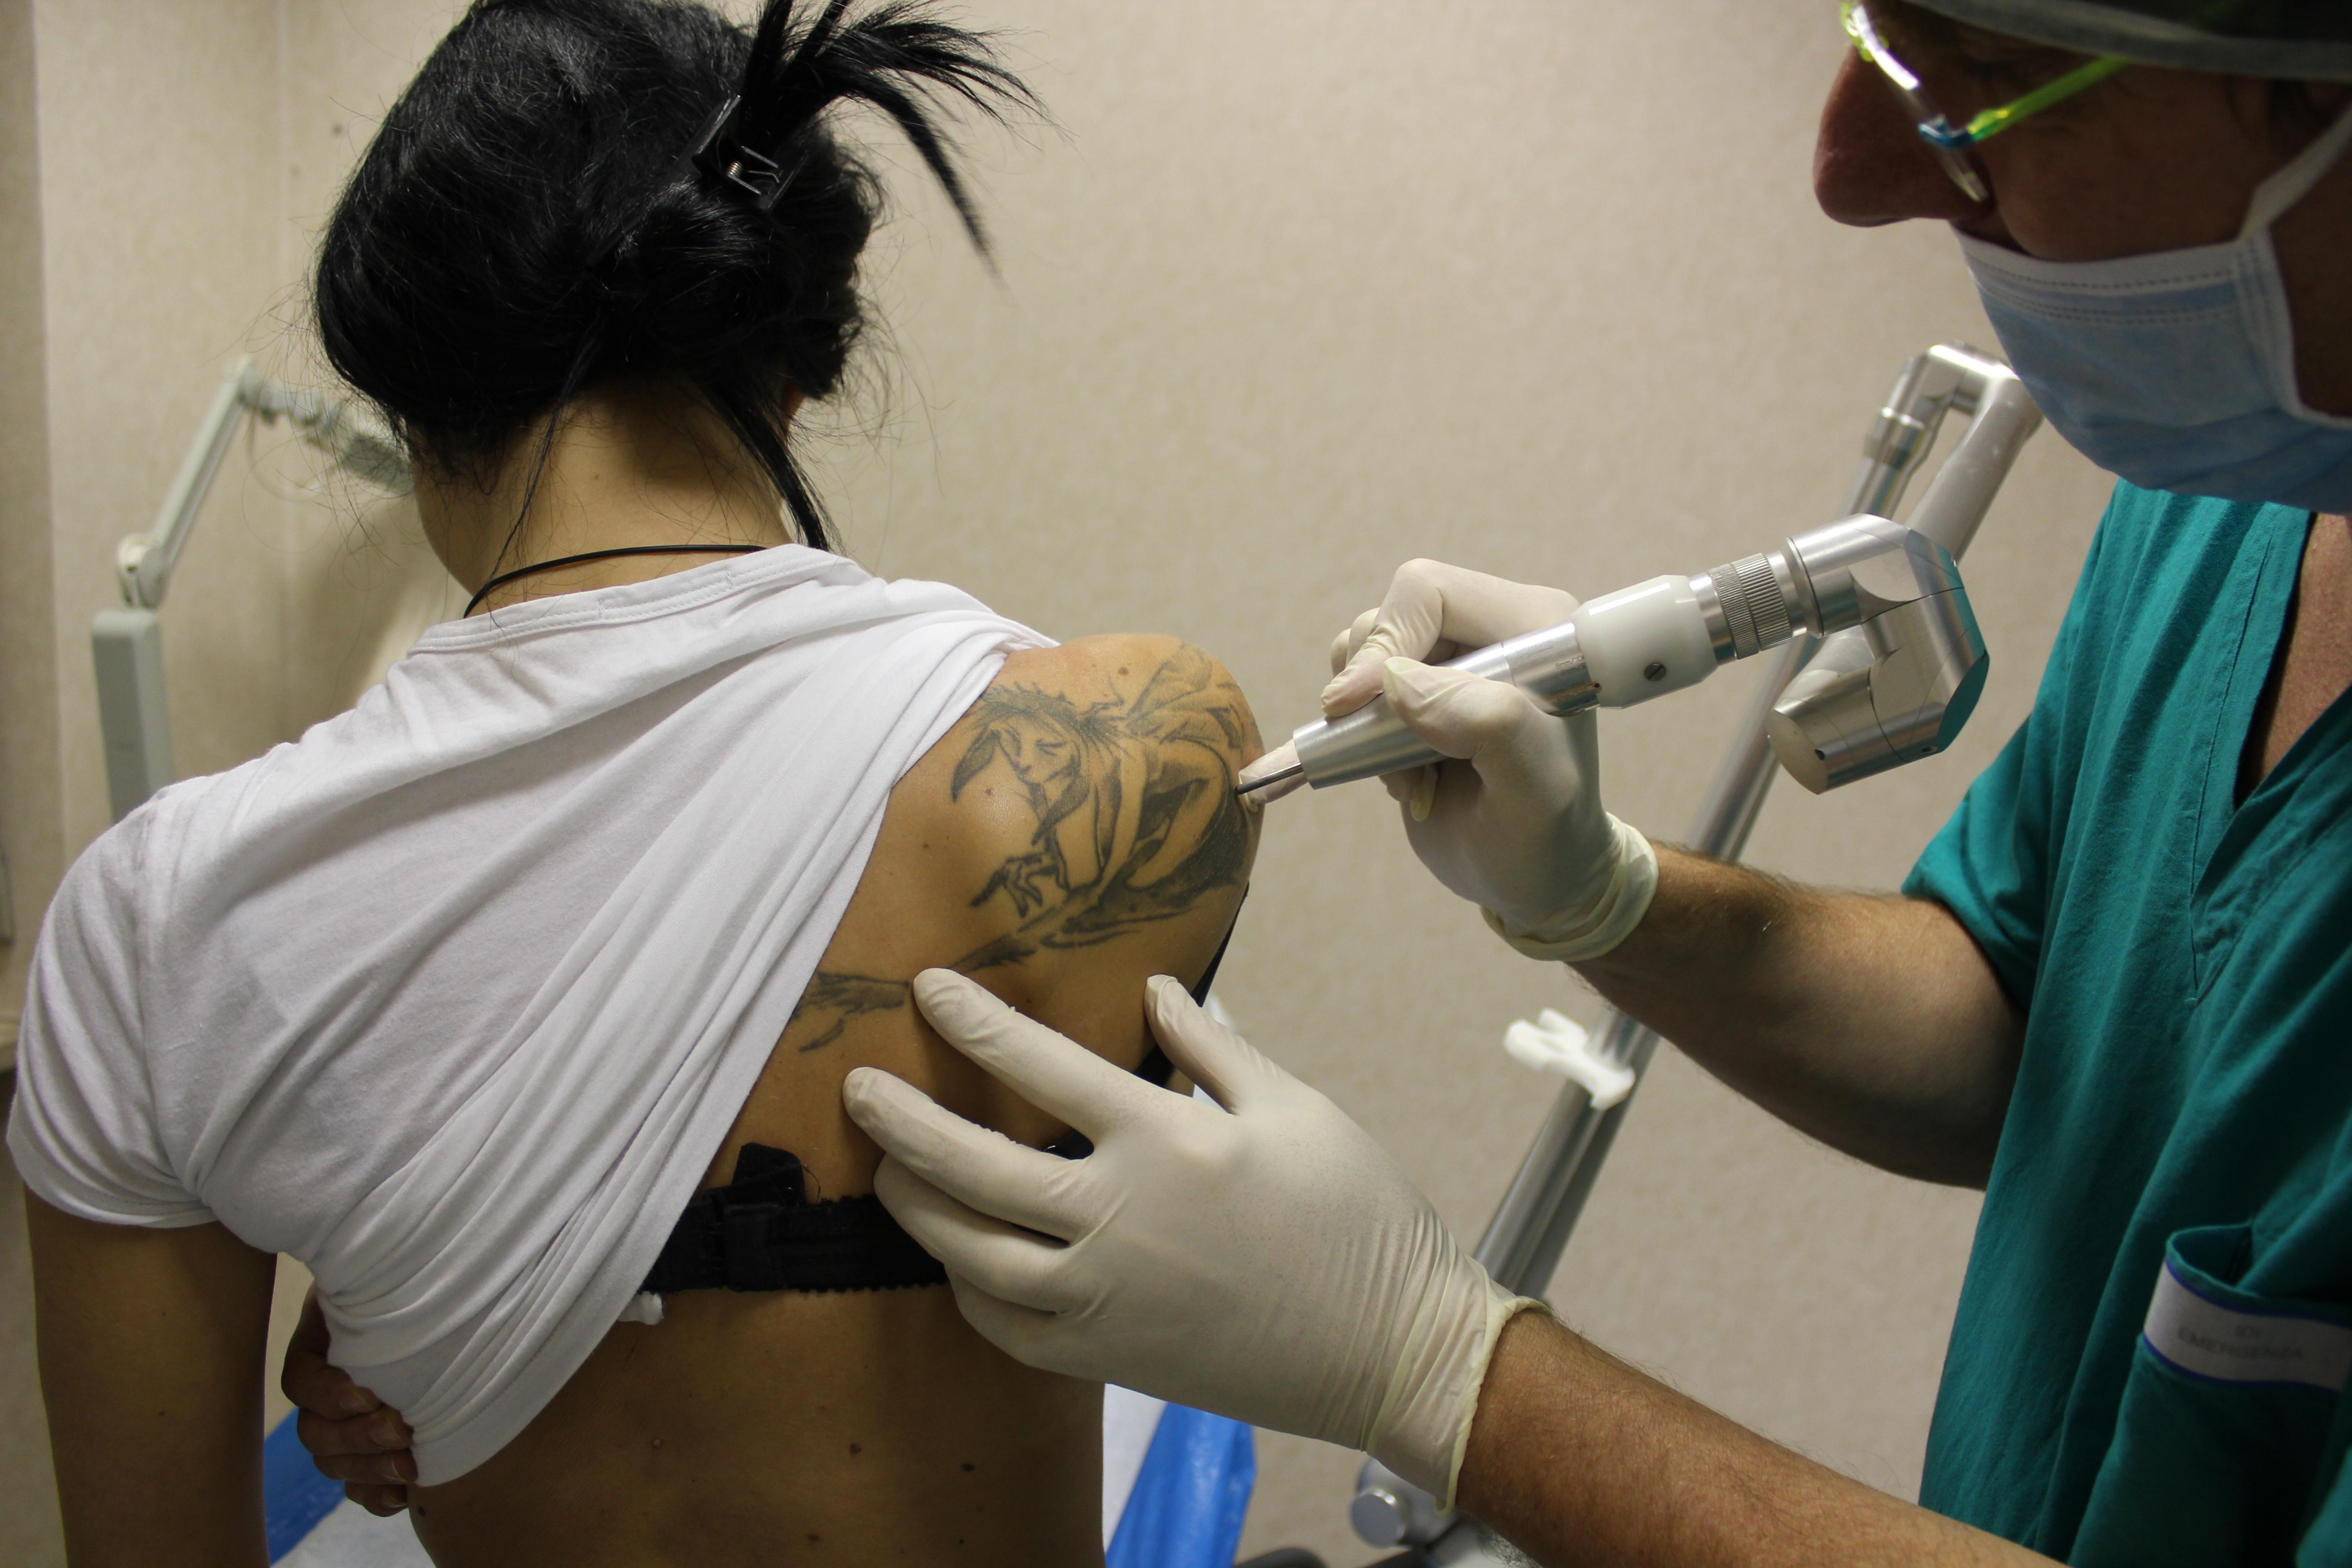 la rimozione tatuaggi con il laser